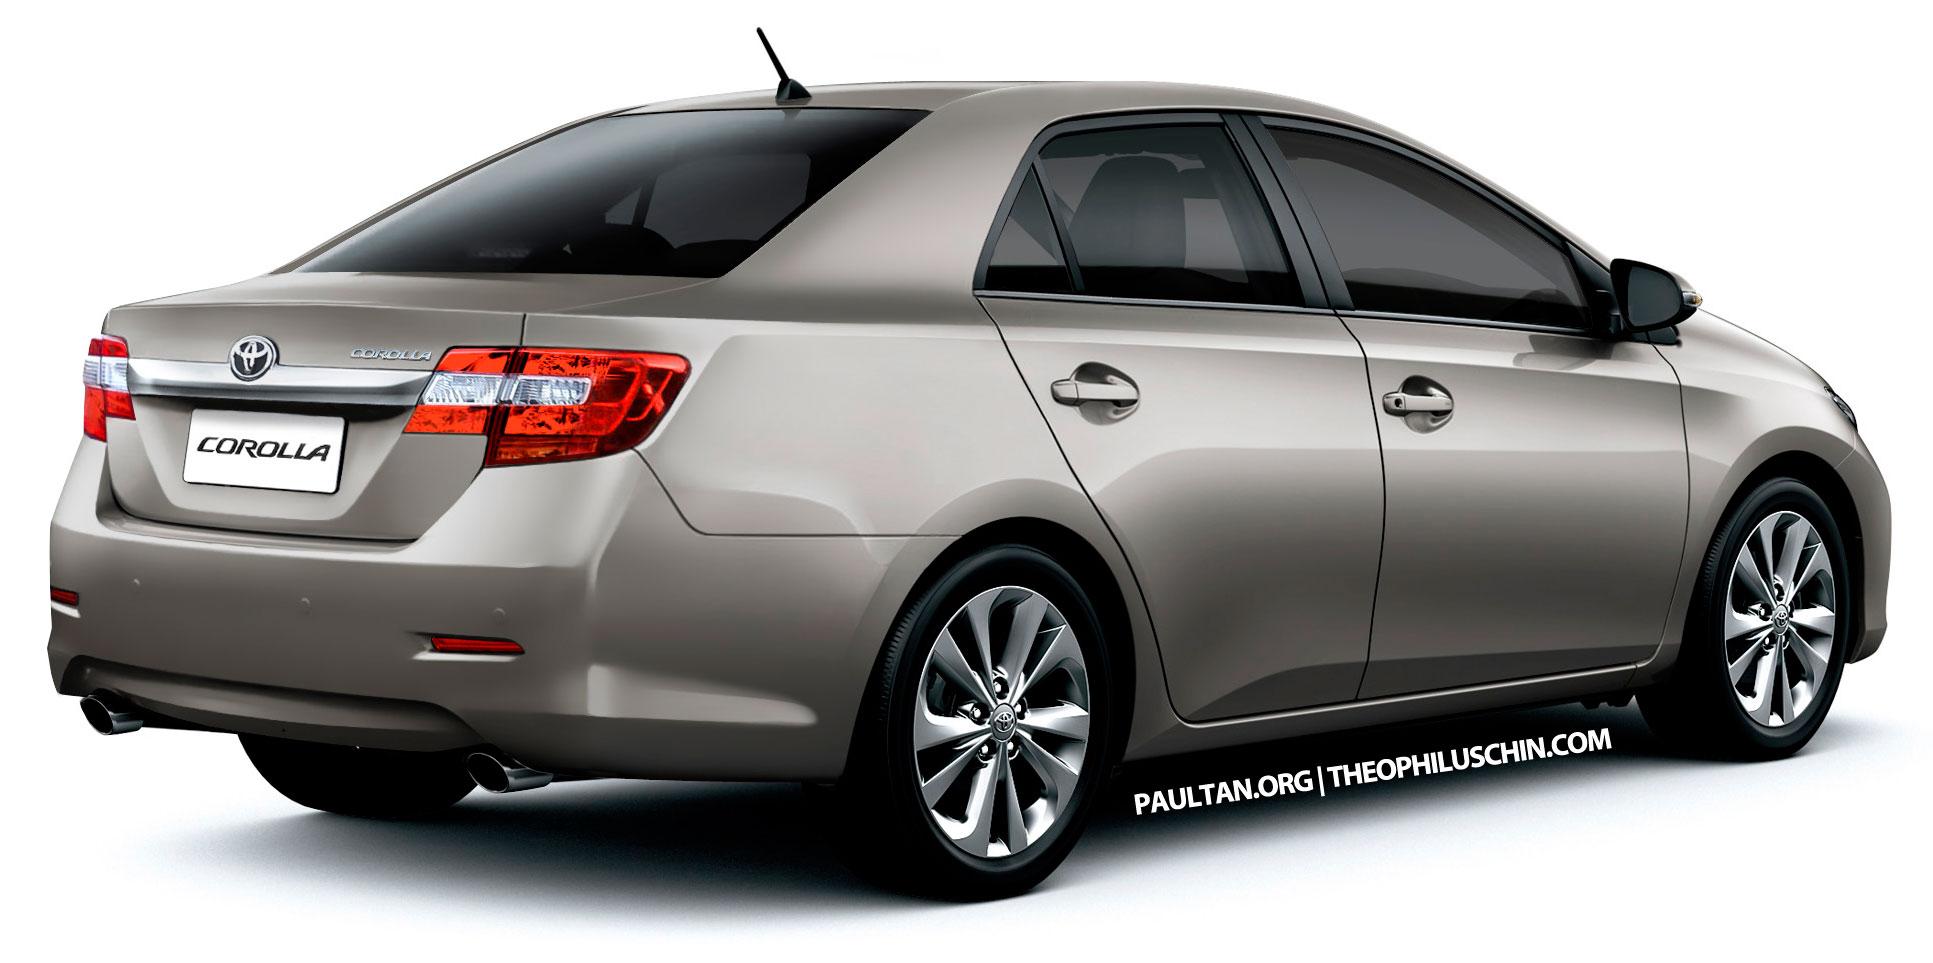 źródło: paultan.org, zdjęcia usunięte na prośbę Toyota Motor